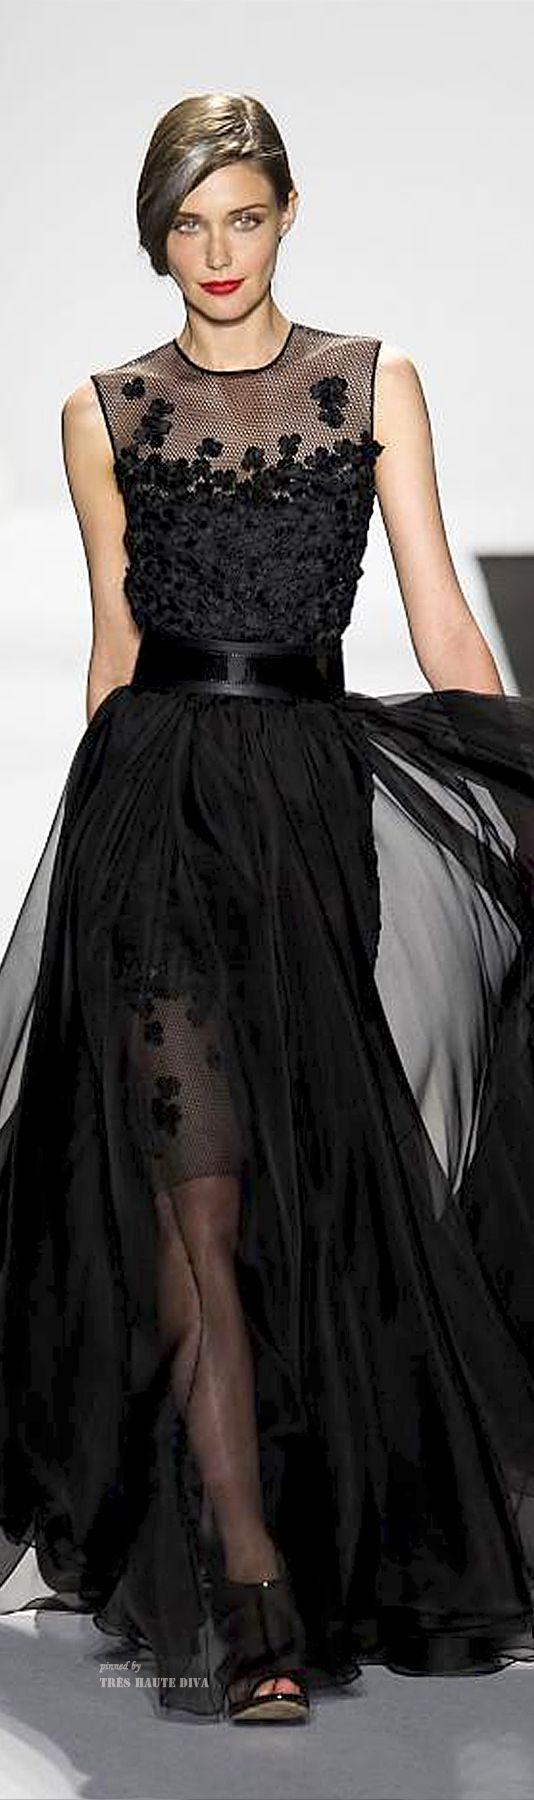 negro con transparencias